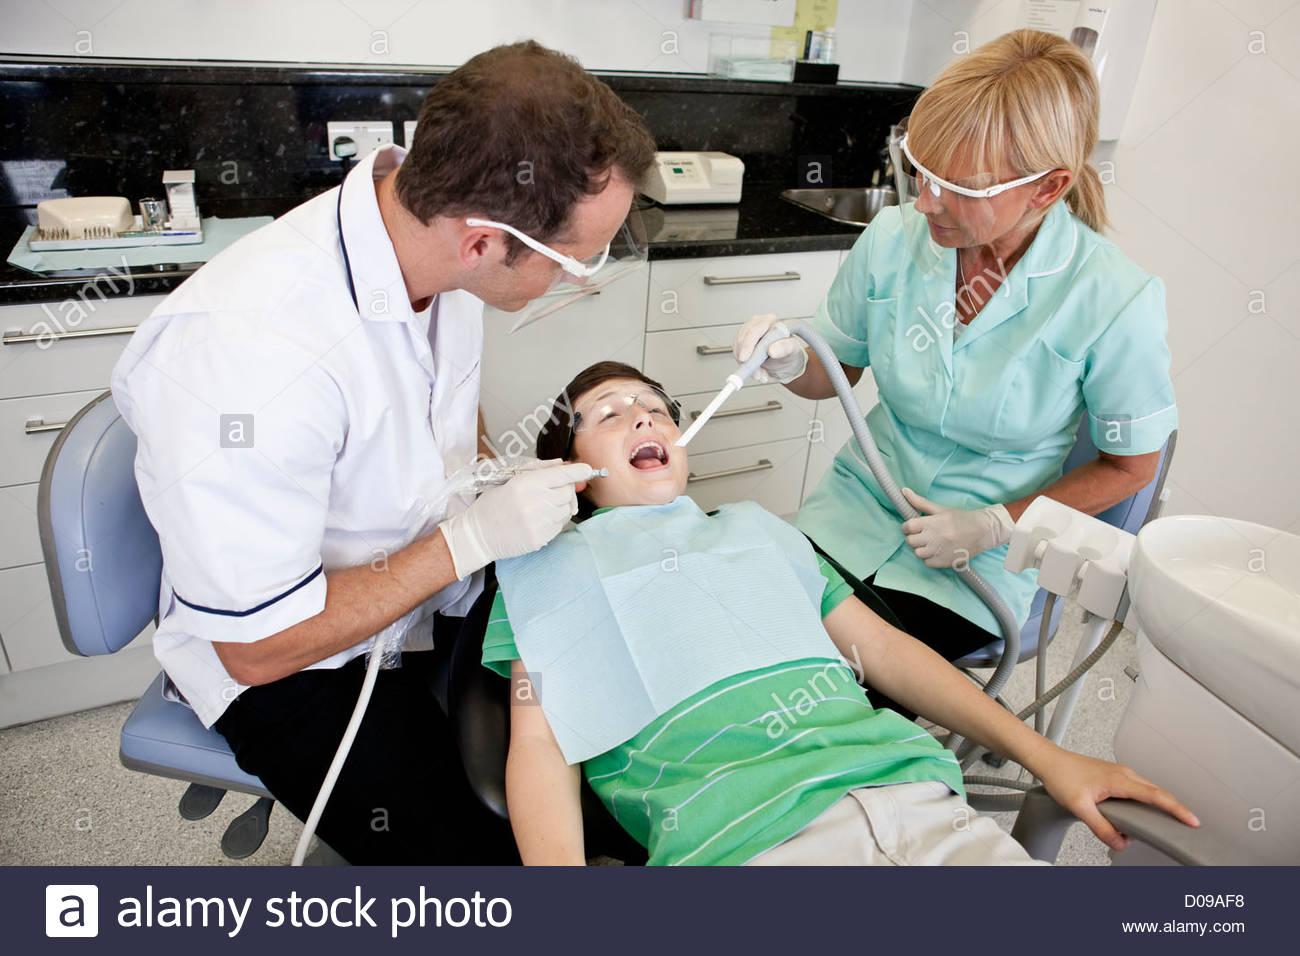 Junge Patienten mit zahnärztlichen Behandlung, Angst auf der Suche Stockbild